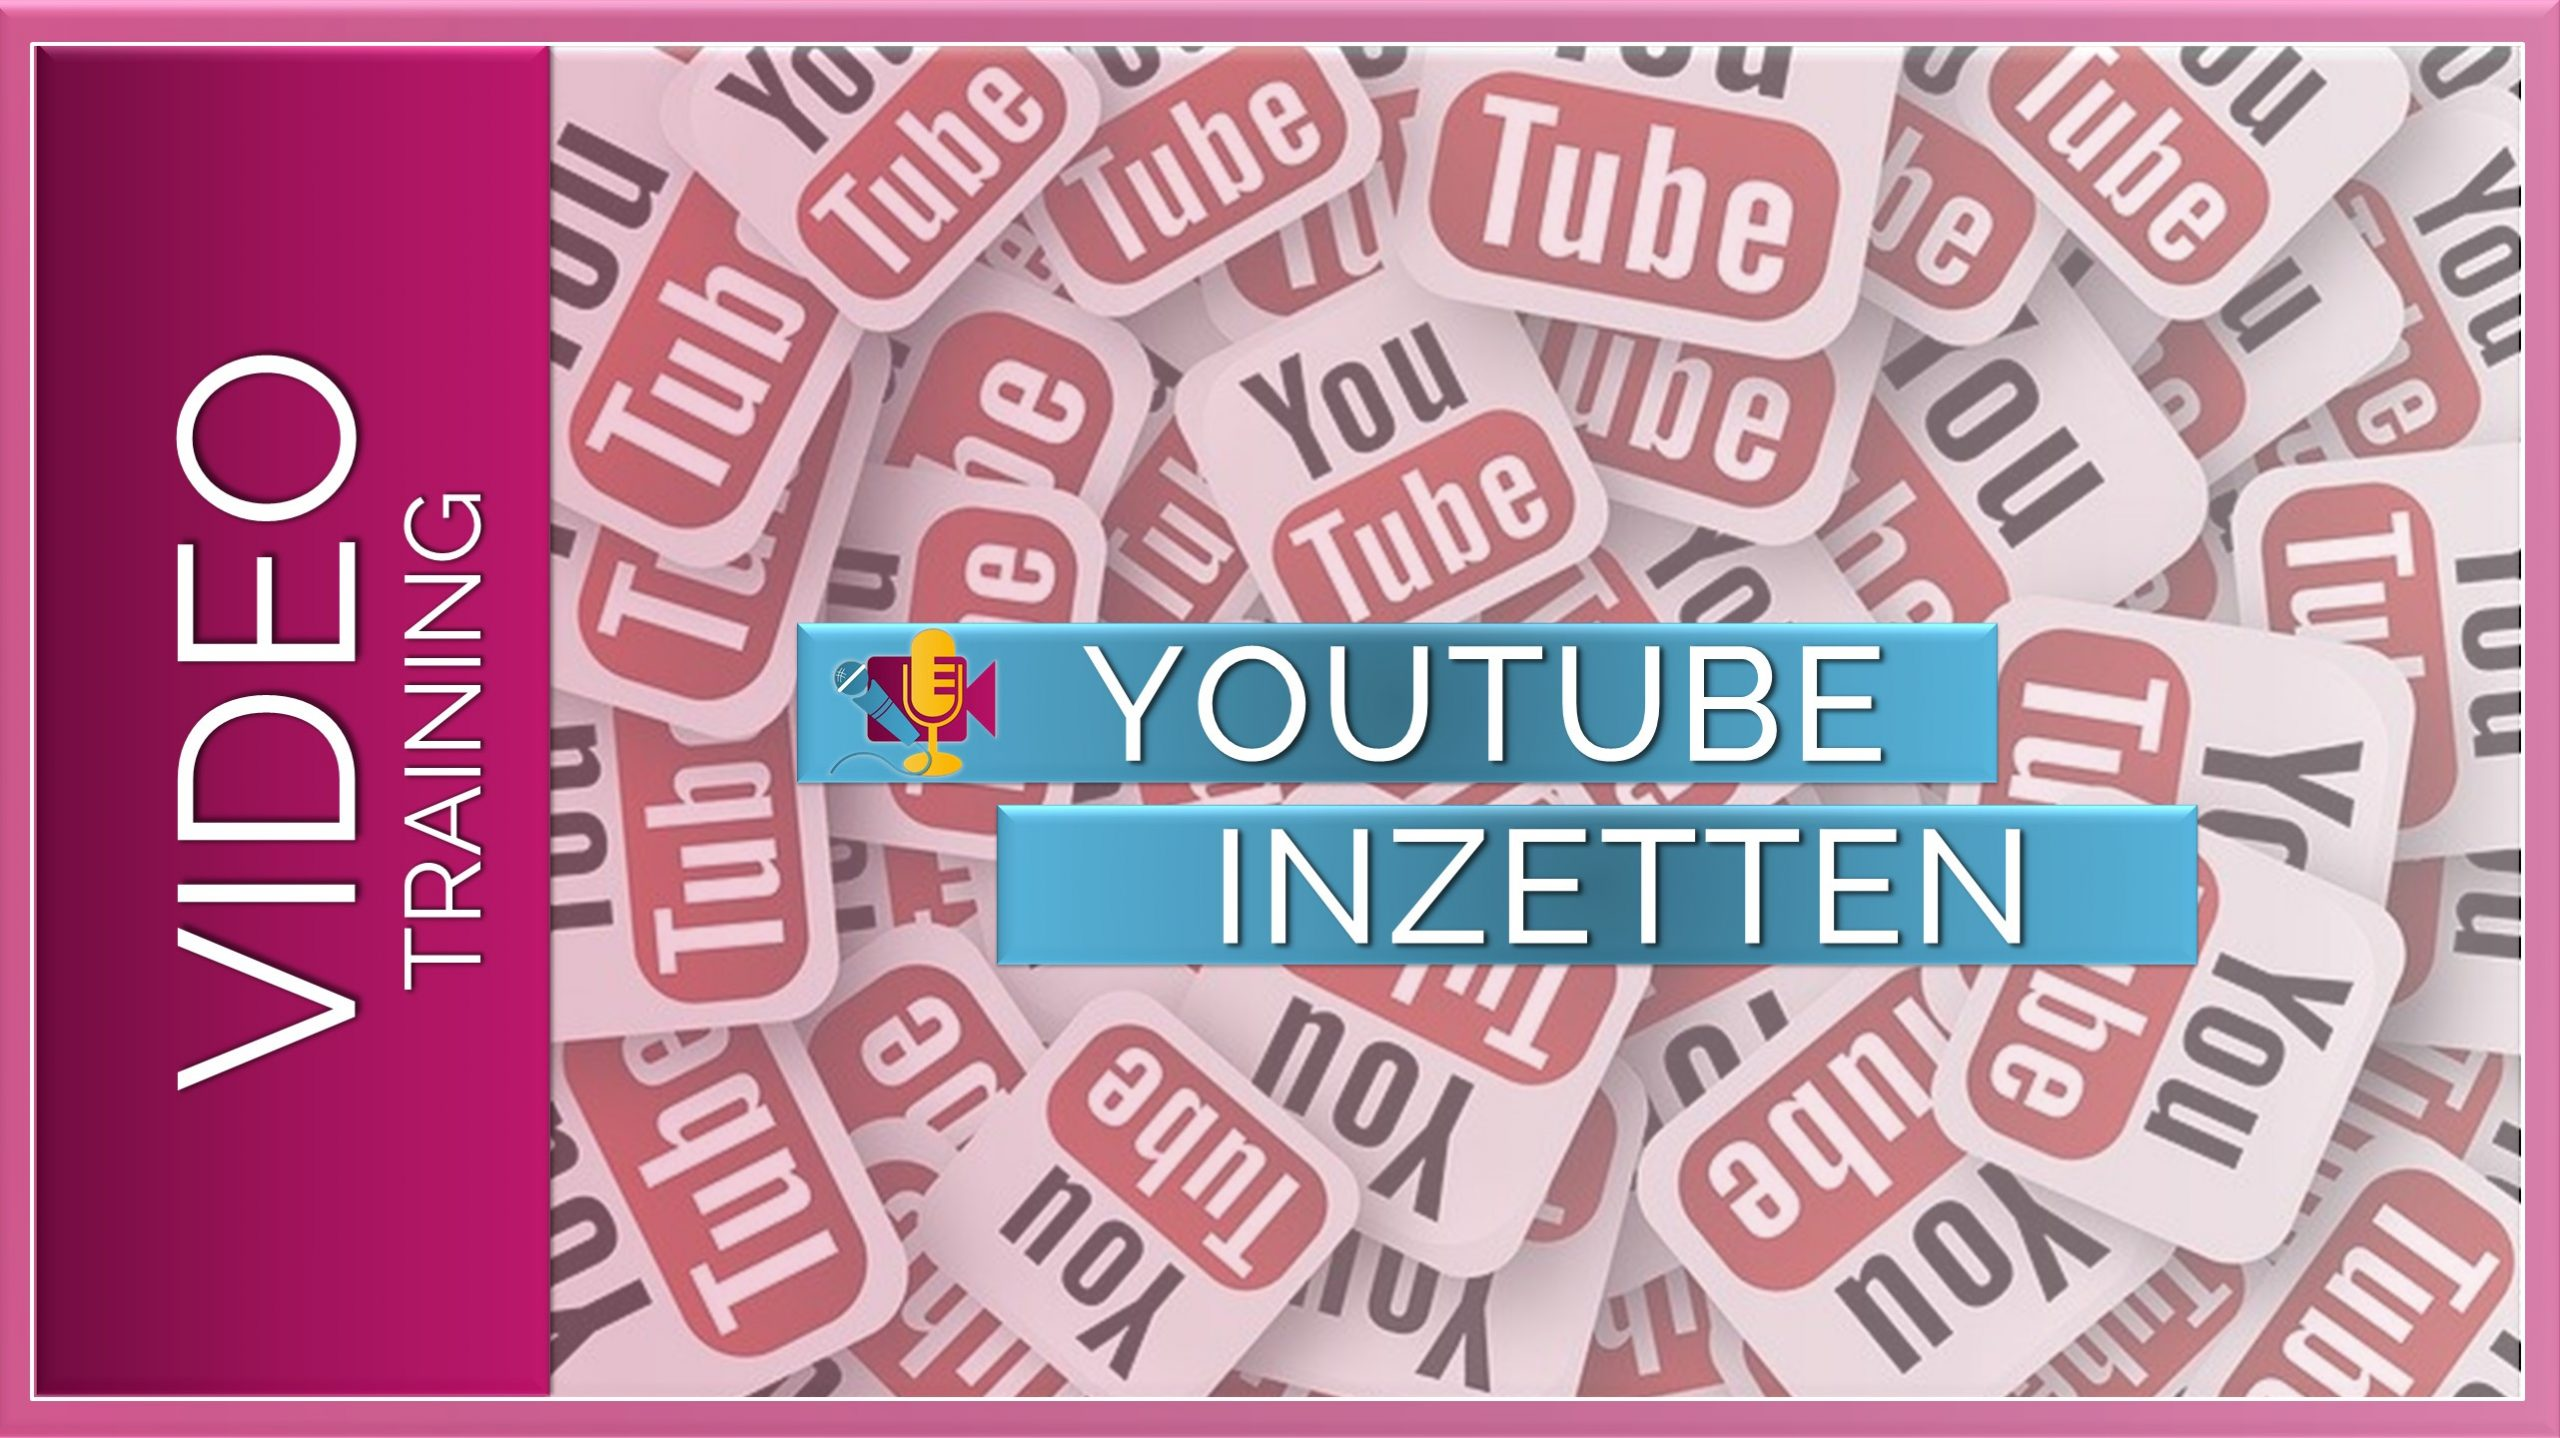 YouTube inzetten